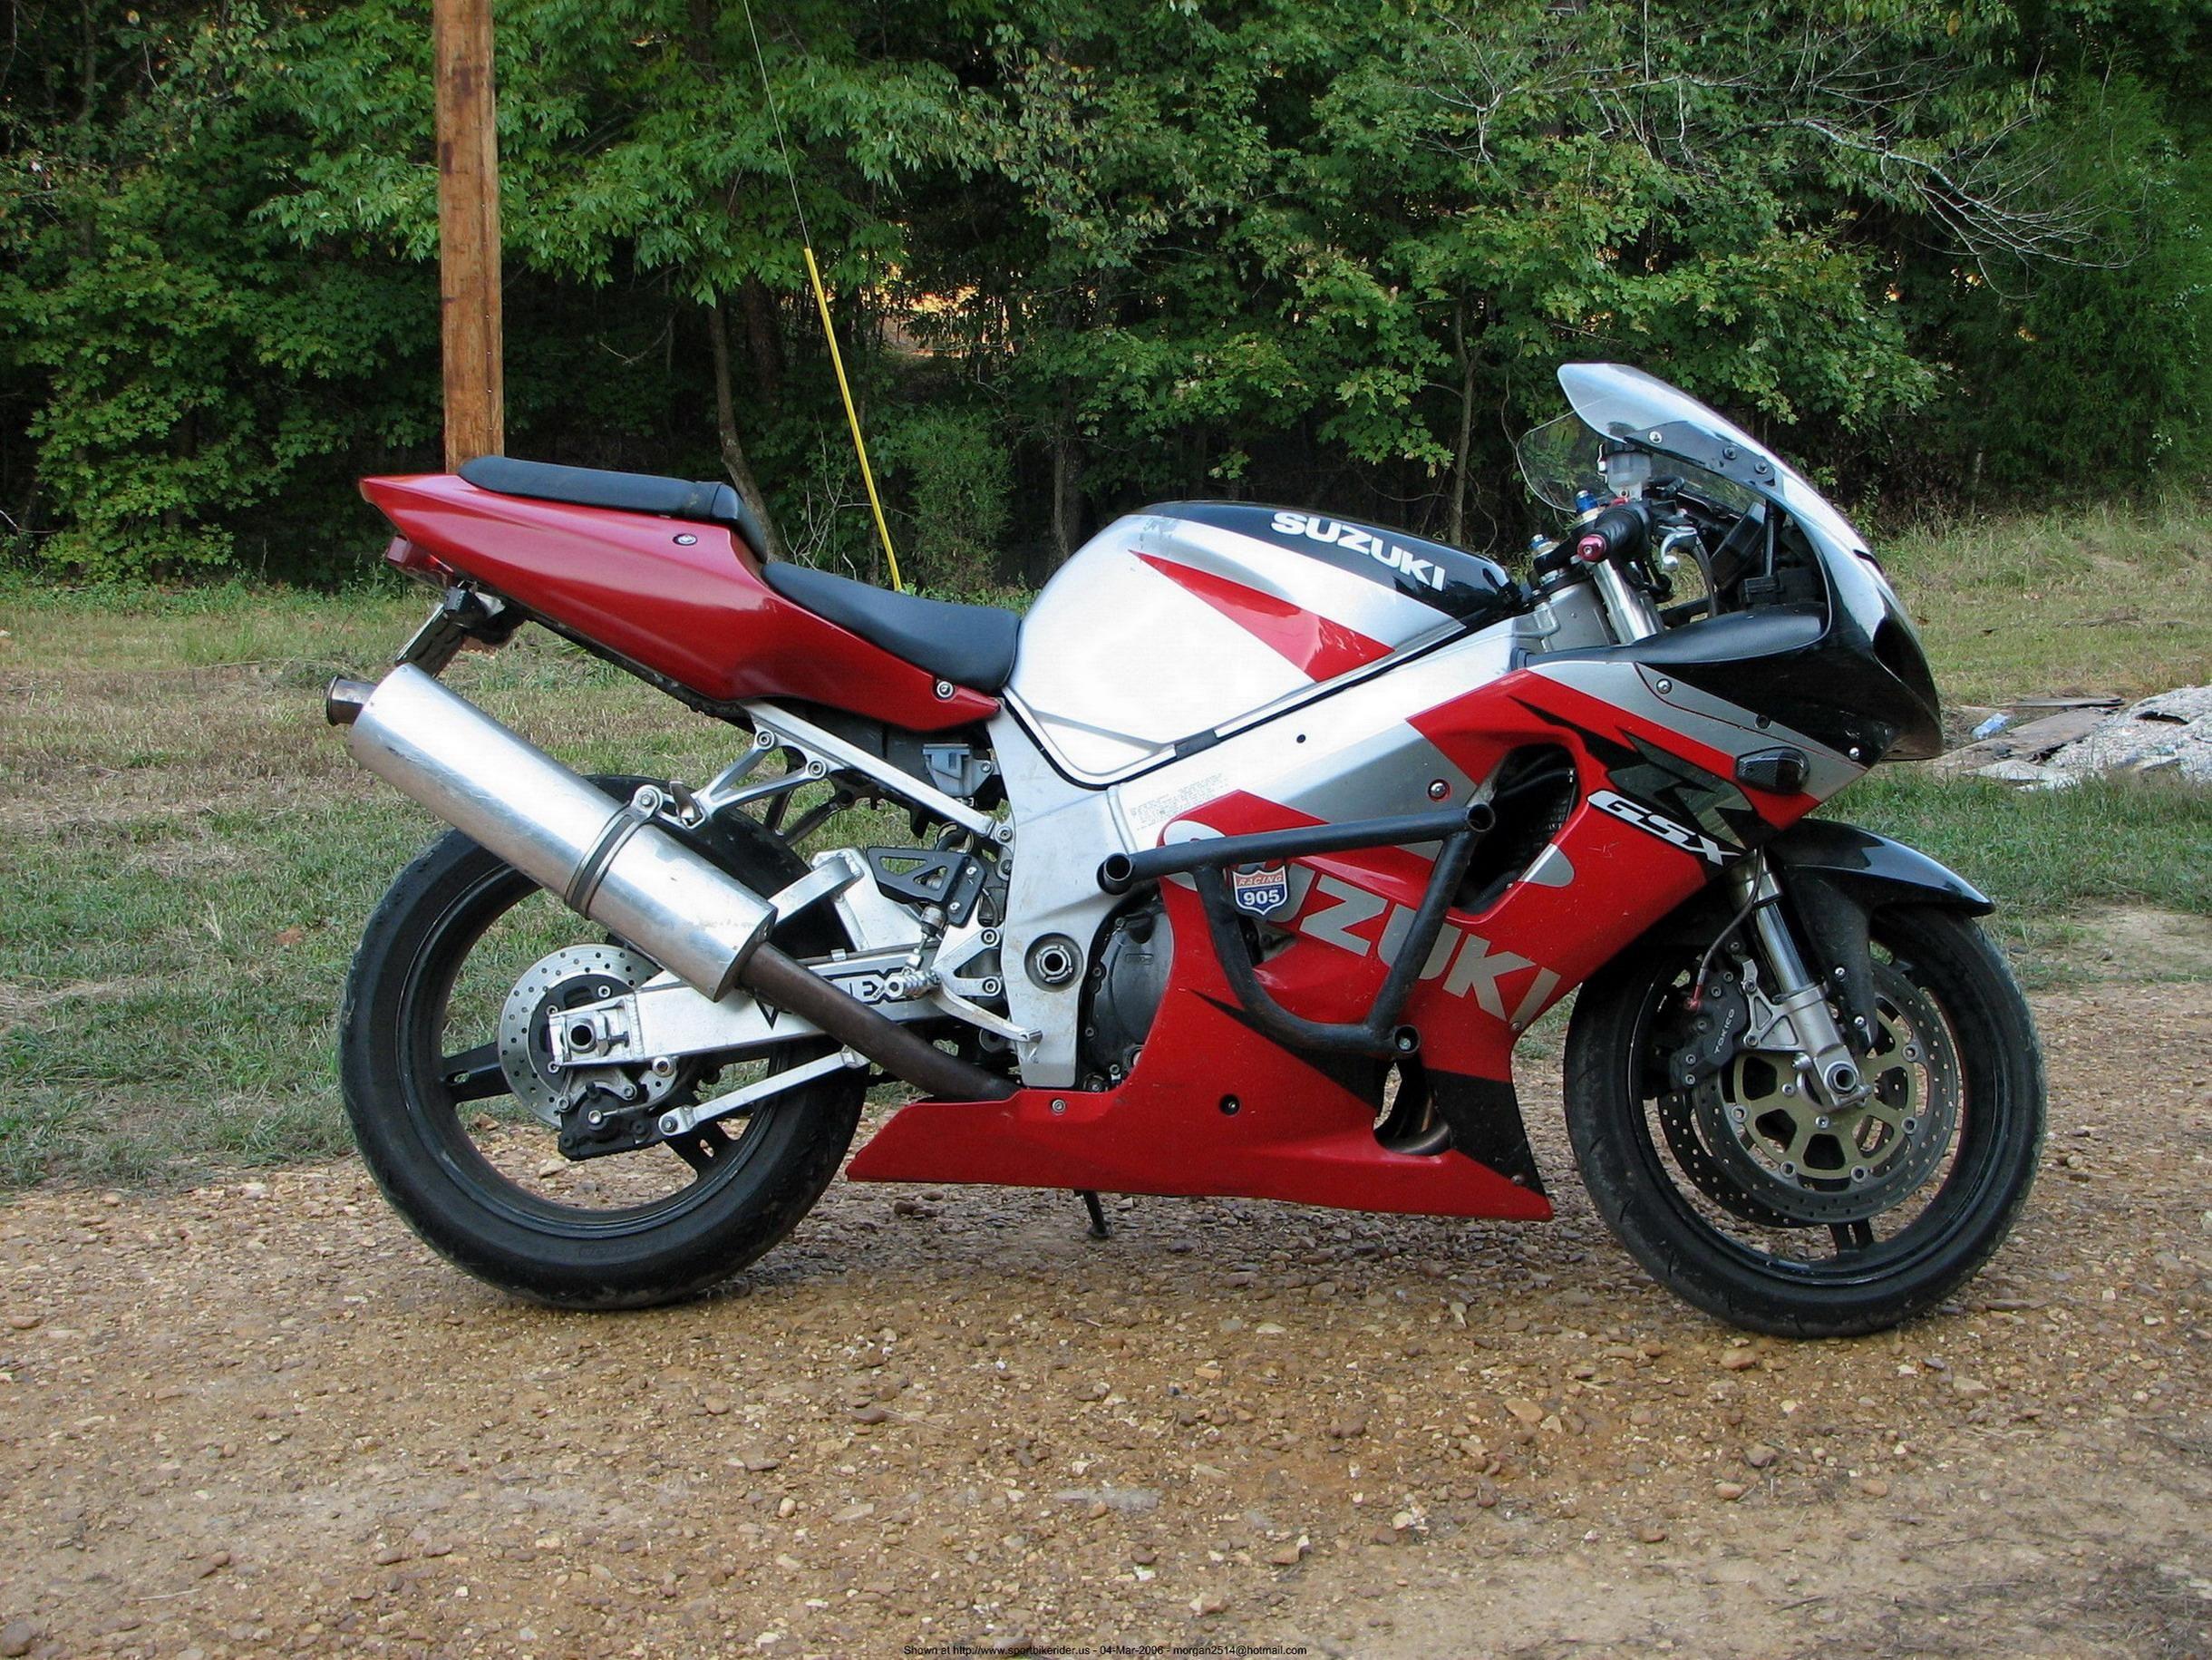 2001 Suzuki GSX-R750